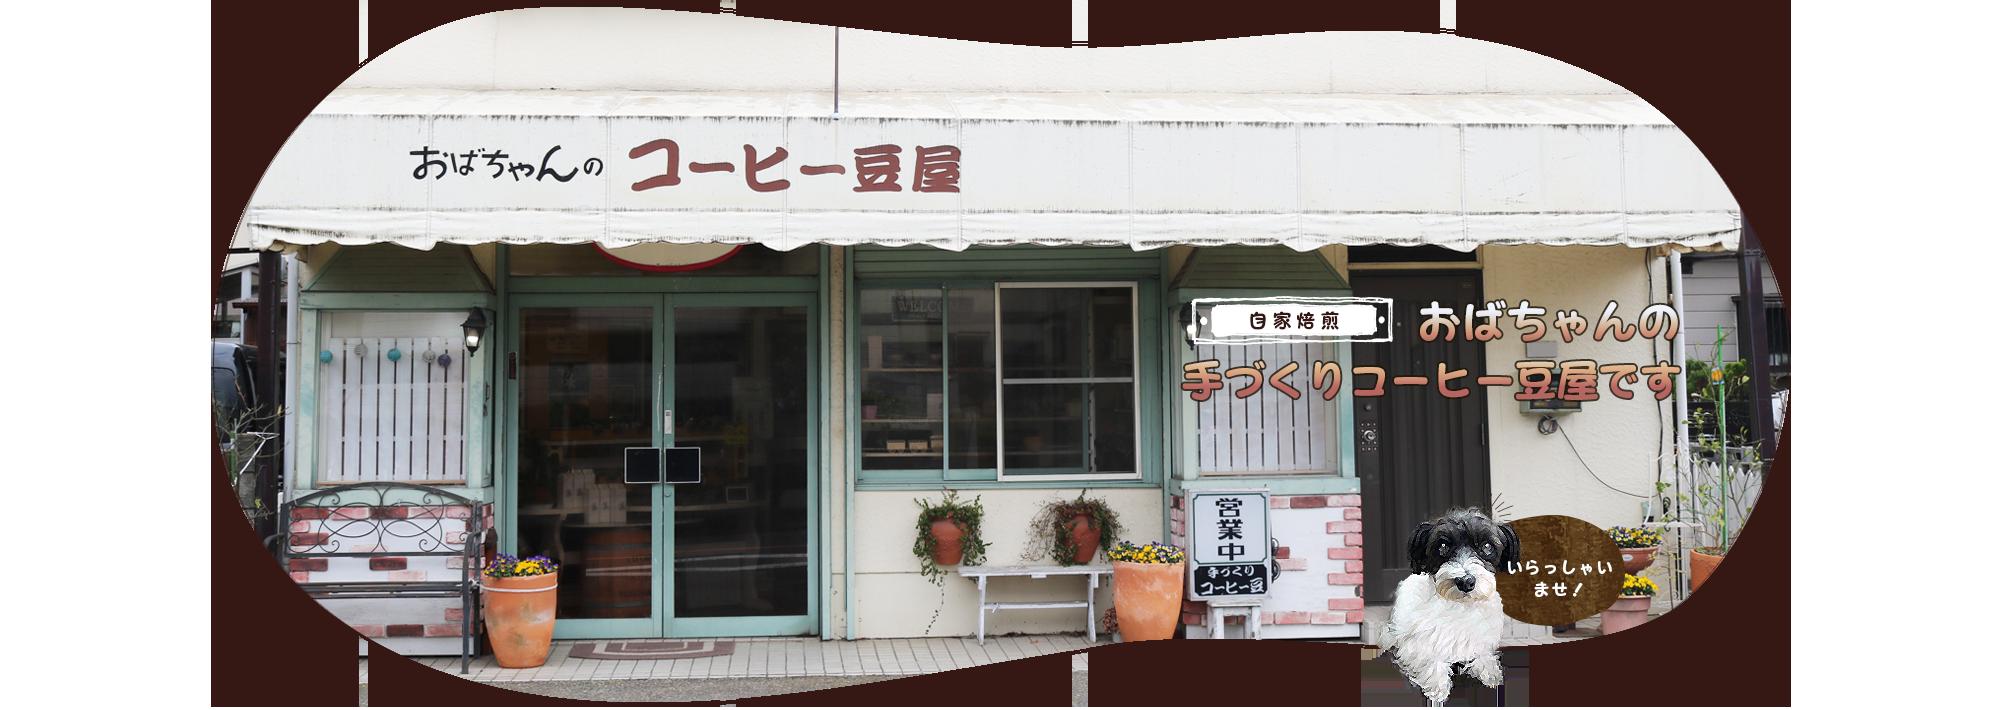 自家焙煎 おばちゃんの手づくりコーヒー豆屋です